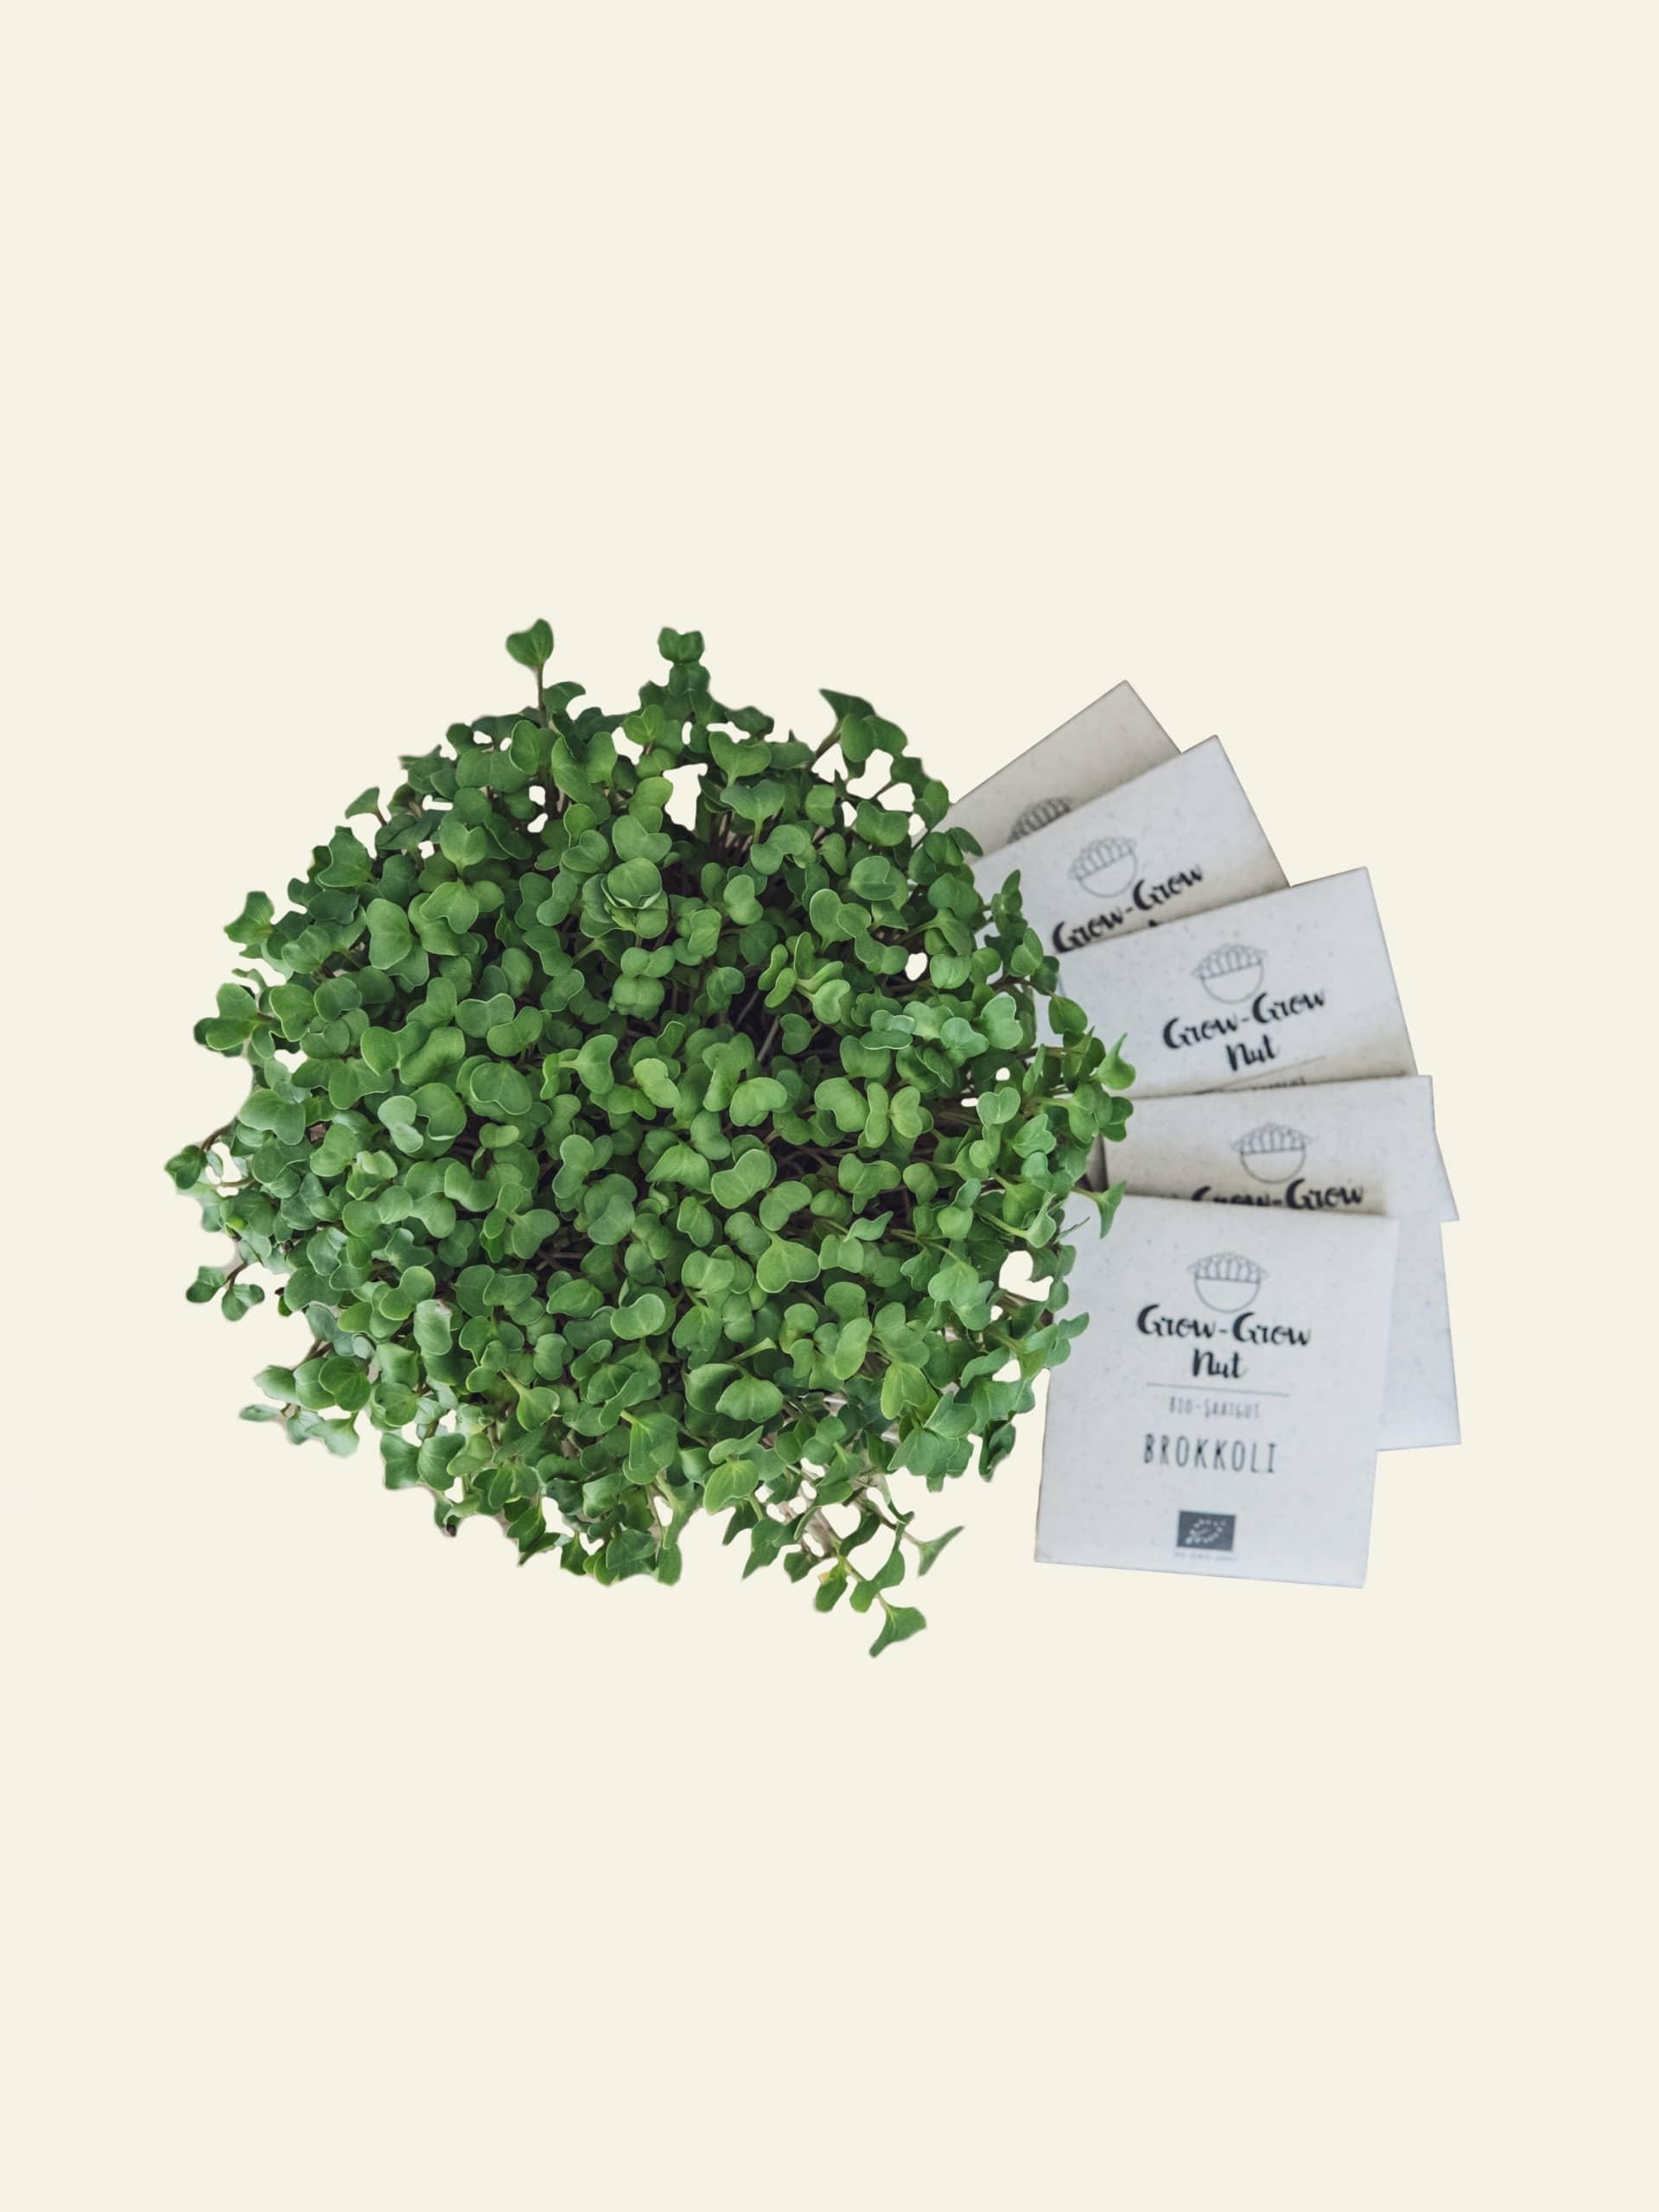 Grow Grow Nut Test Titelbild scaled